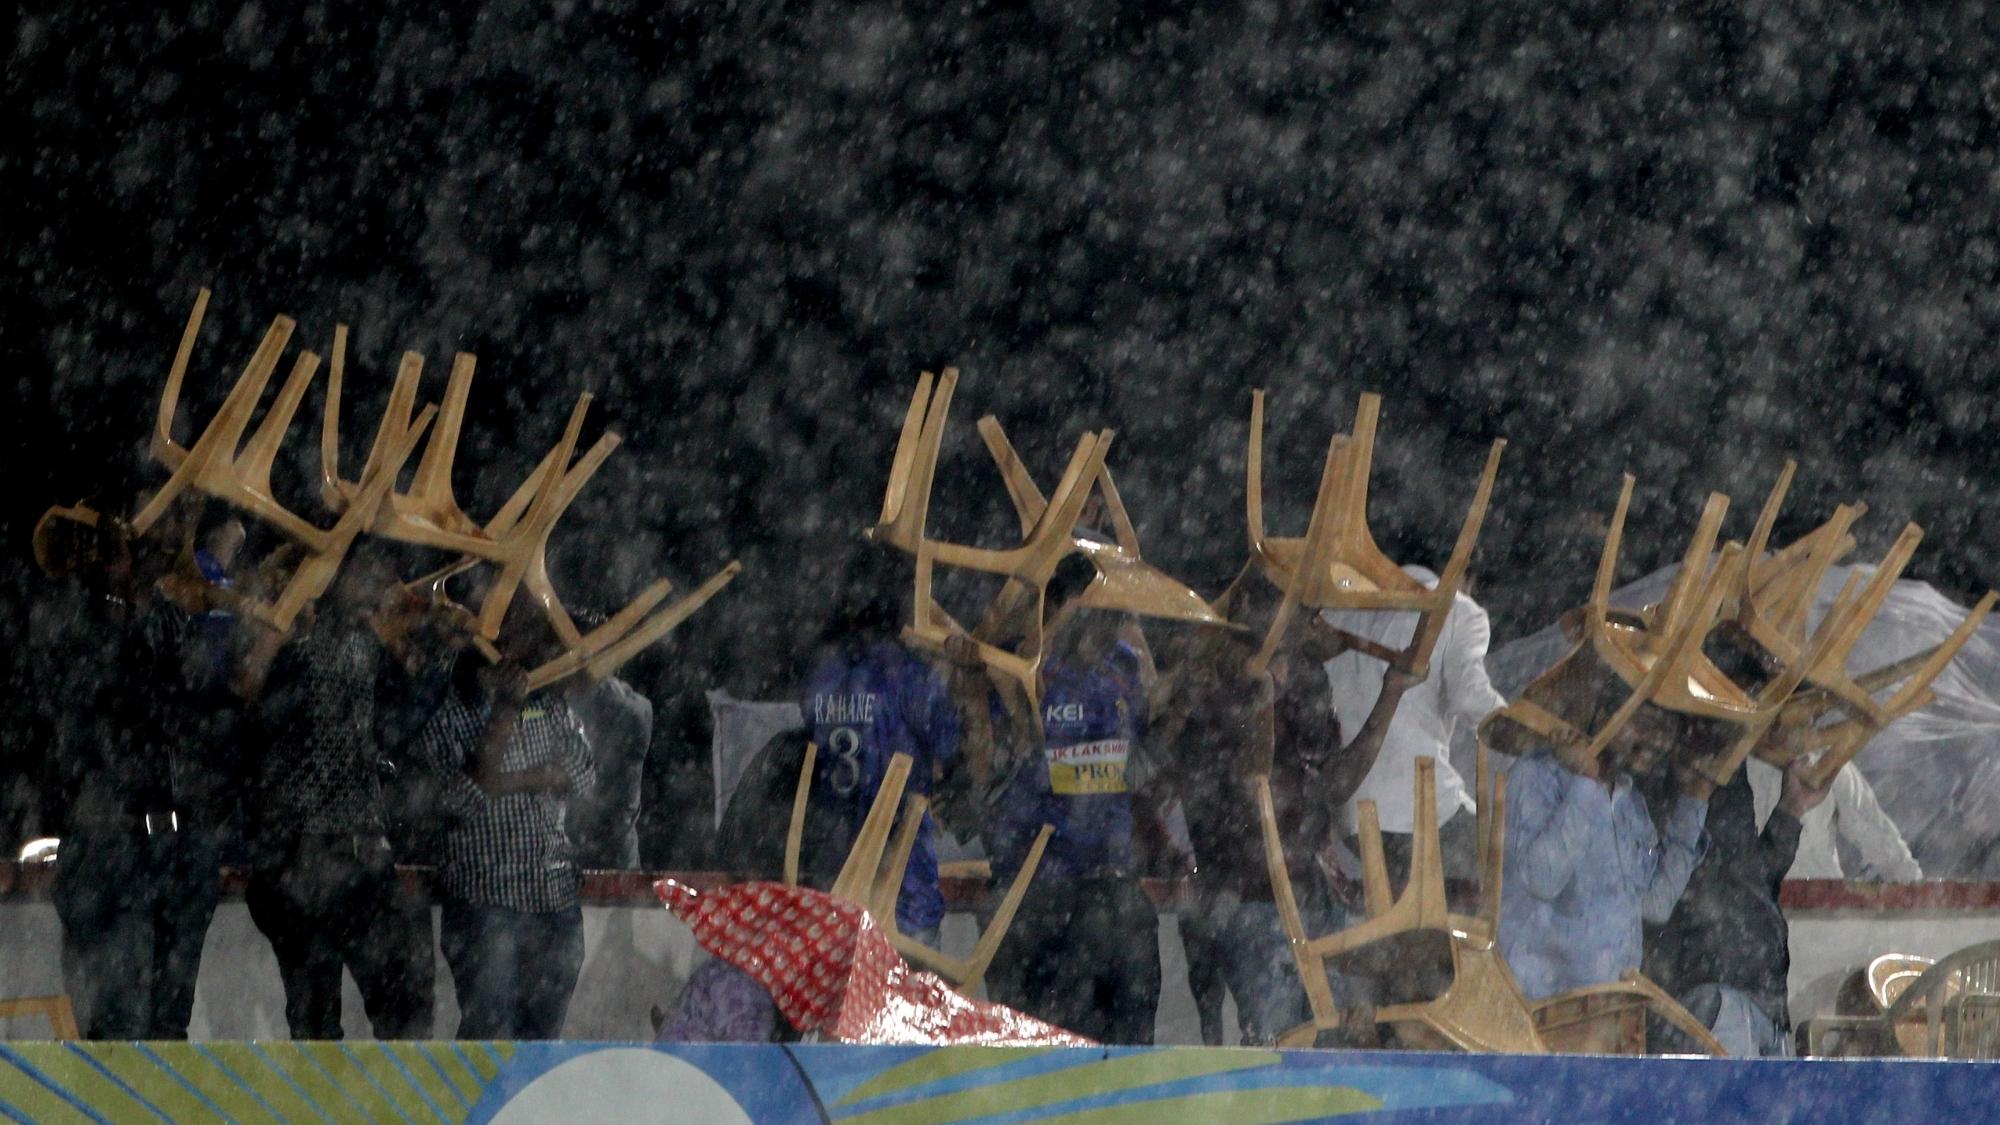 IPL 2018: बारिश के कारण राजस्थान रायल्स और दिल्ली डेयरडेविल्स के बीच मैच में बाधा, खेल रुका